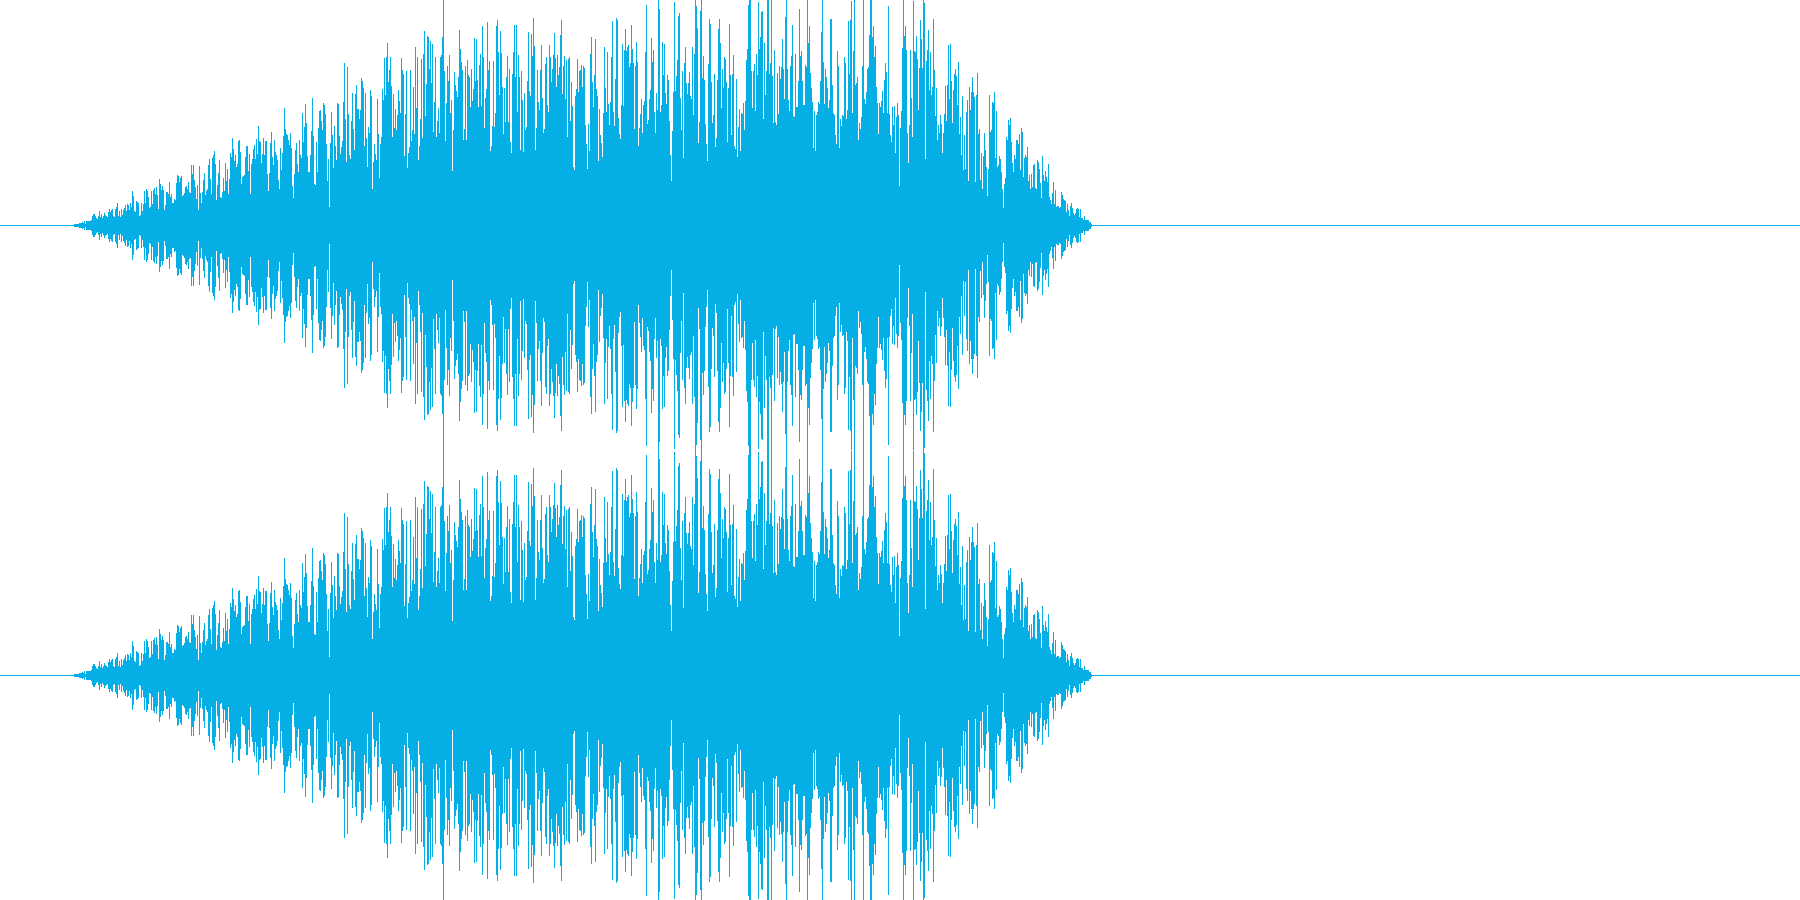 ブラッシュアップされたホワイトノイズ音の再生済みの波形